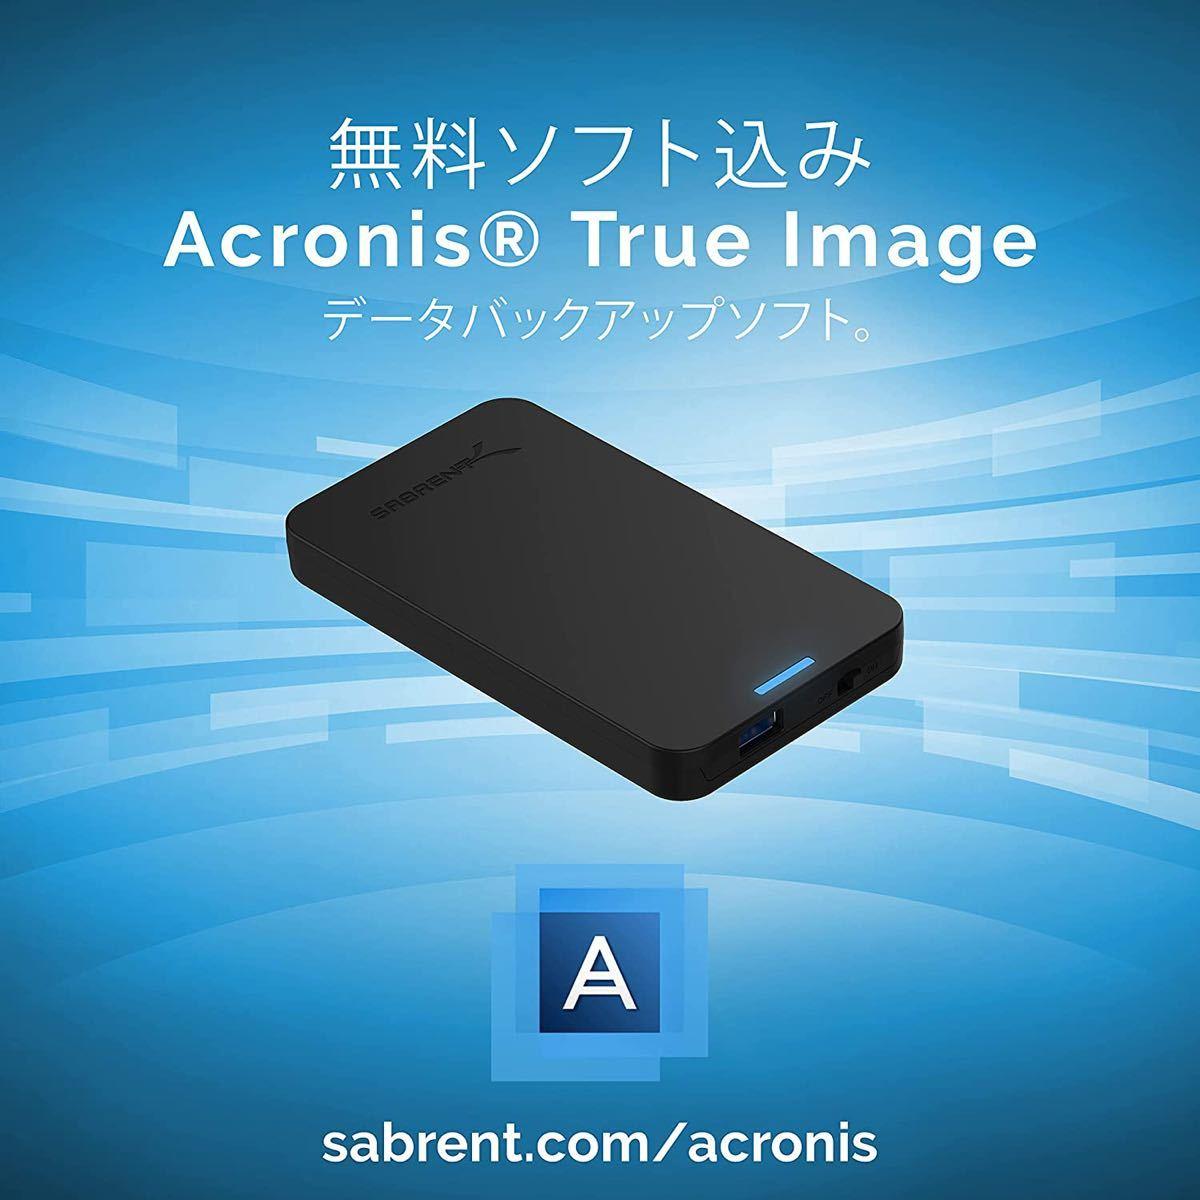 SSHD 外付けハードディスク USB3.0 ハイブリッド 1000GB 1TB 新品 ケース seagate